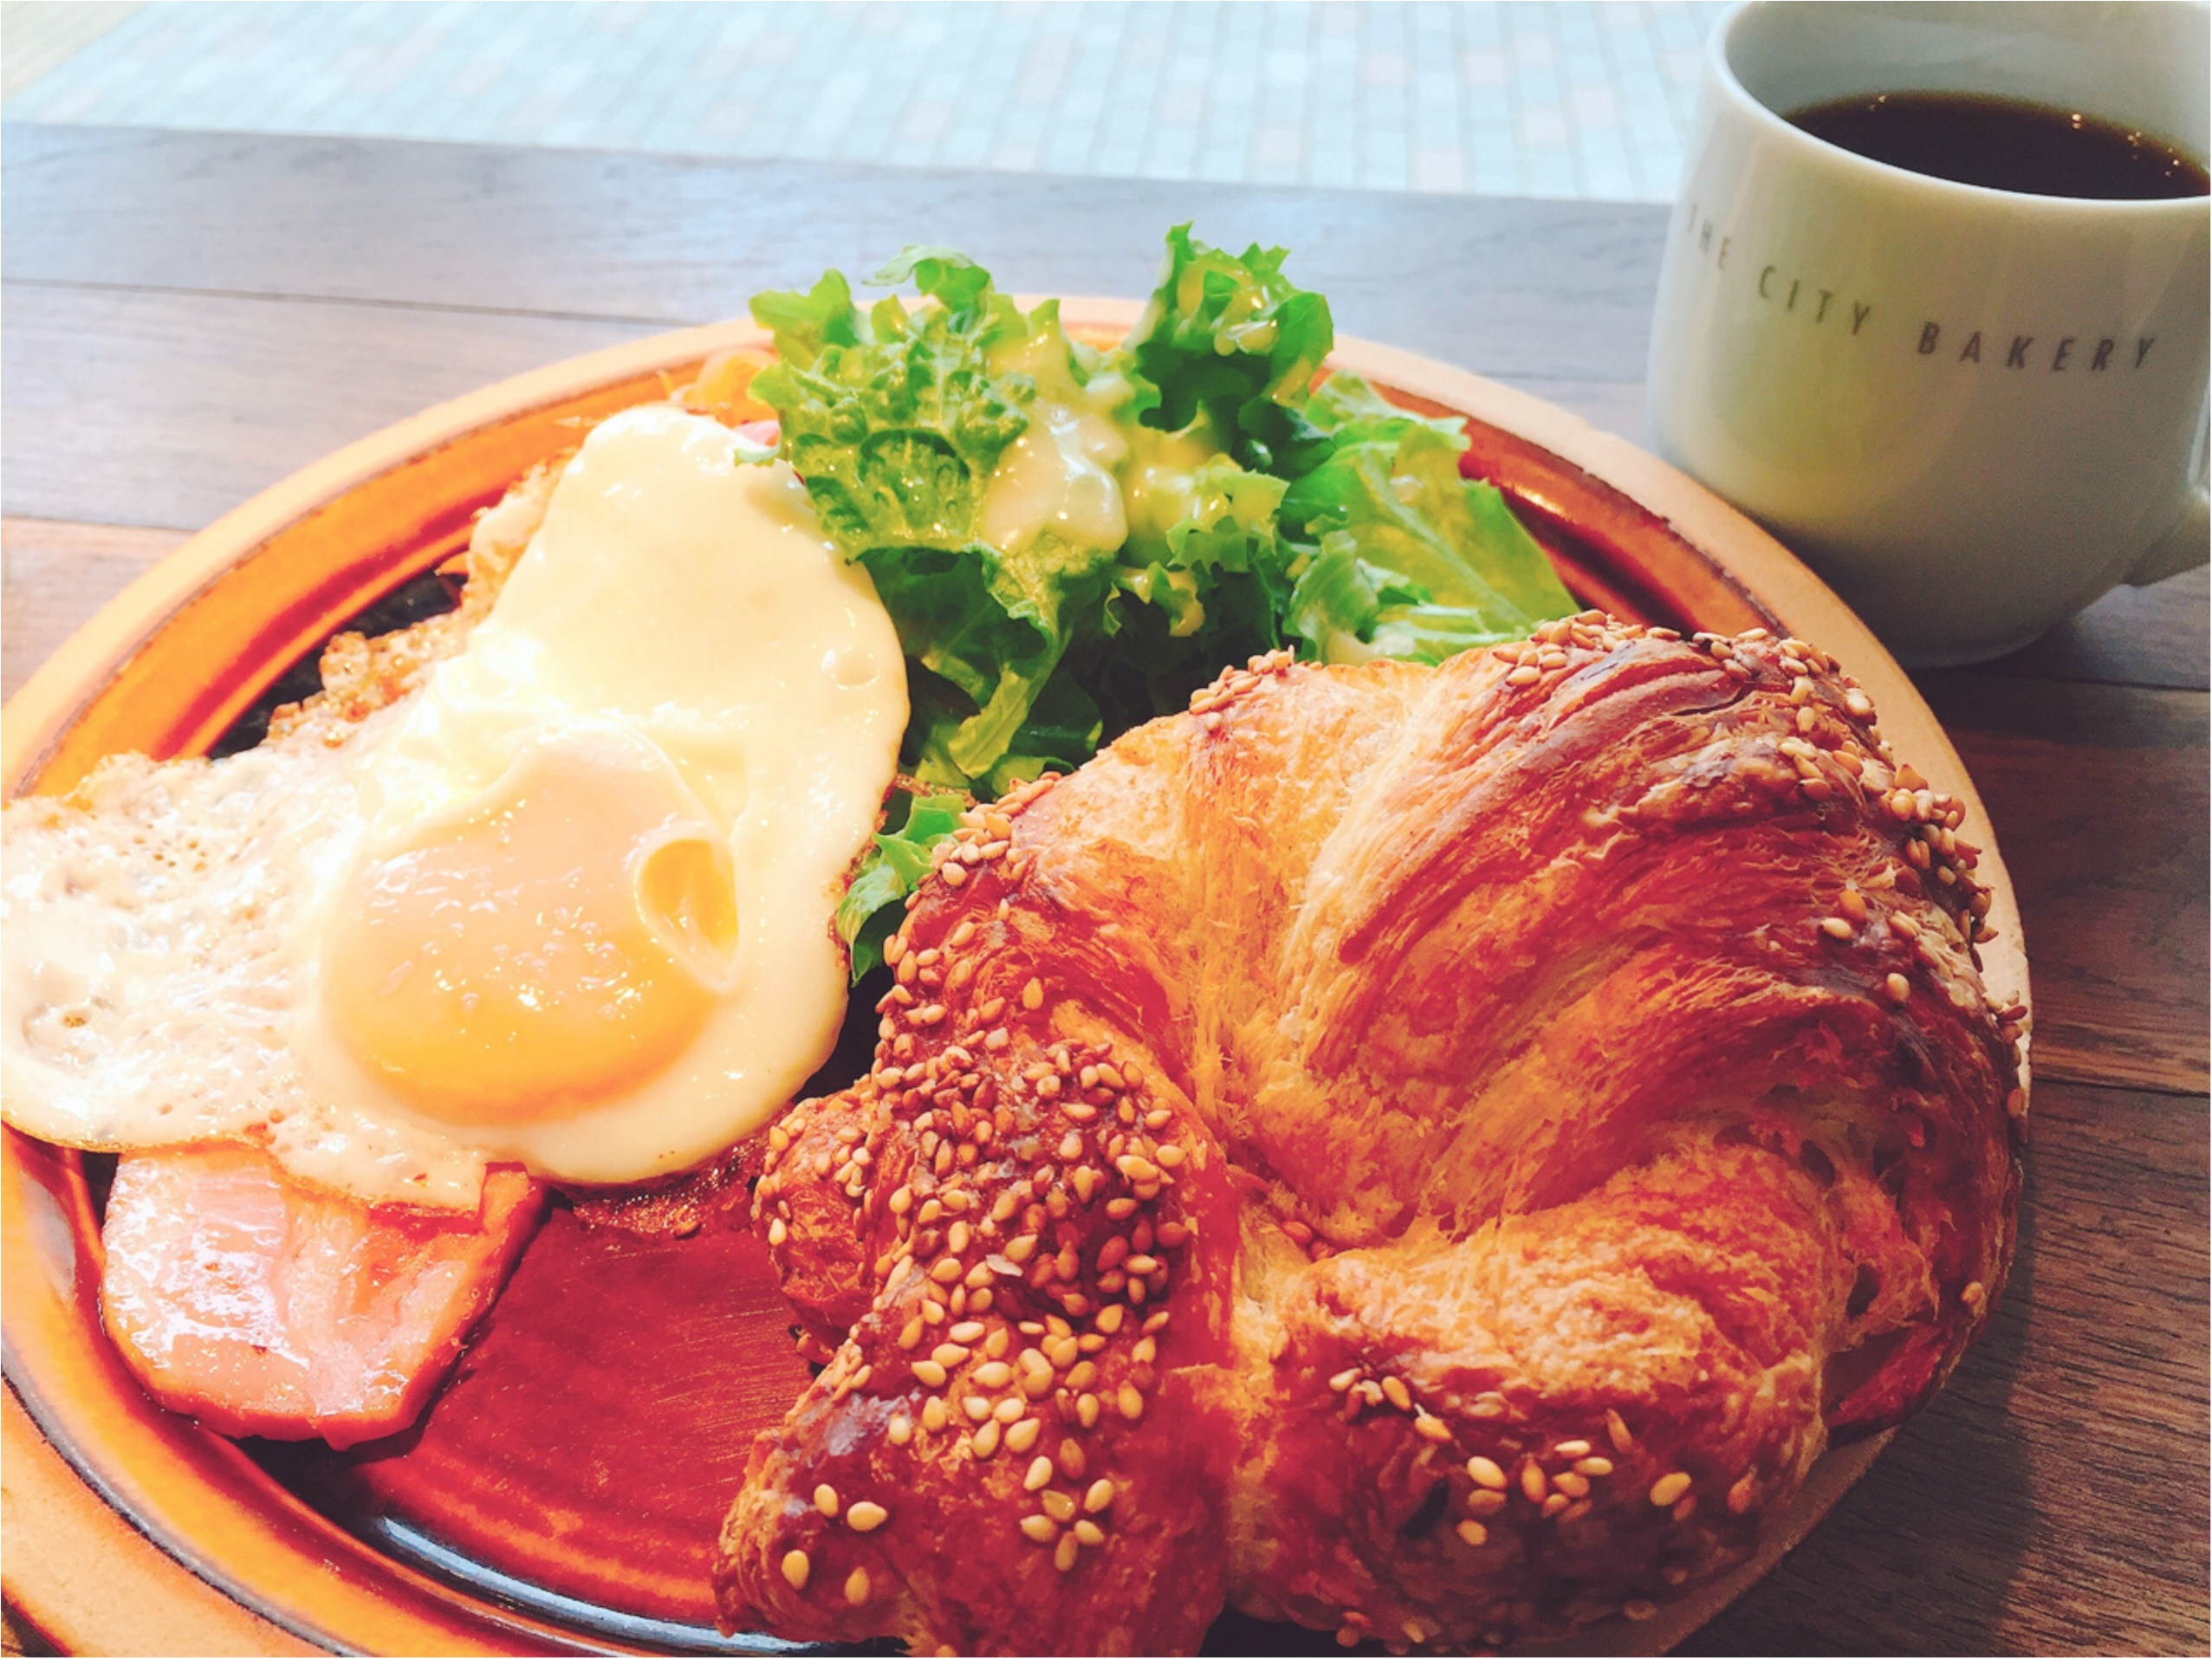 朝活。〜【THE CITY BAKERY】の『プレッツェルクロワッサン』から素敵な1日の始まりを♡*〜_2